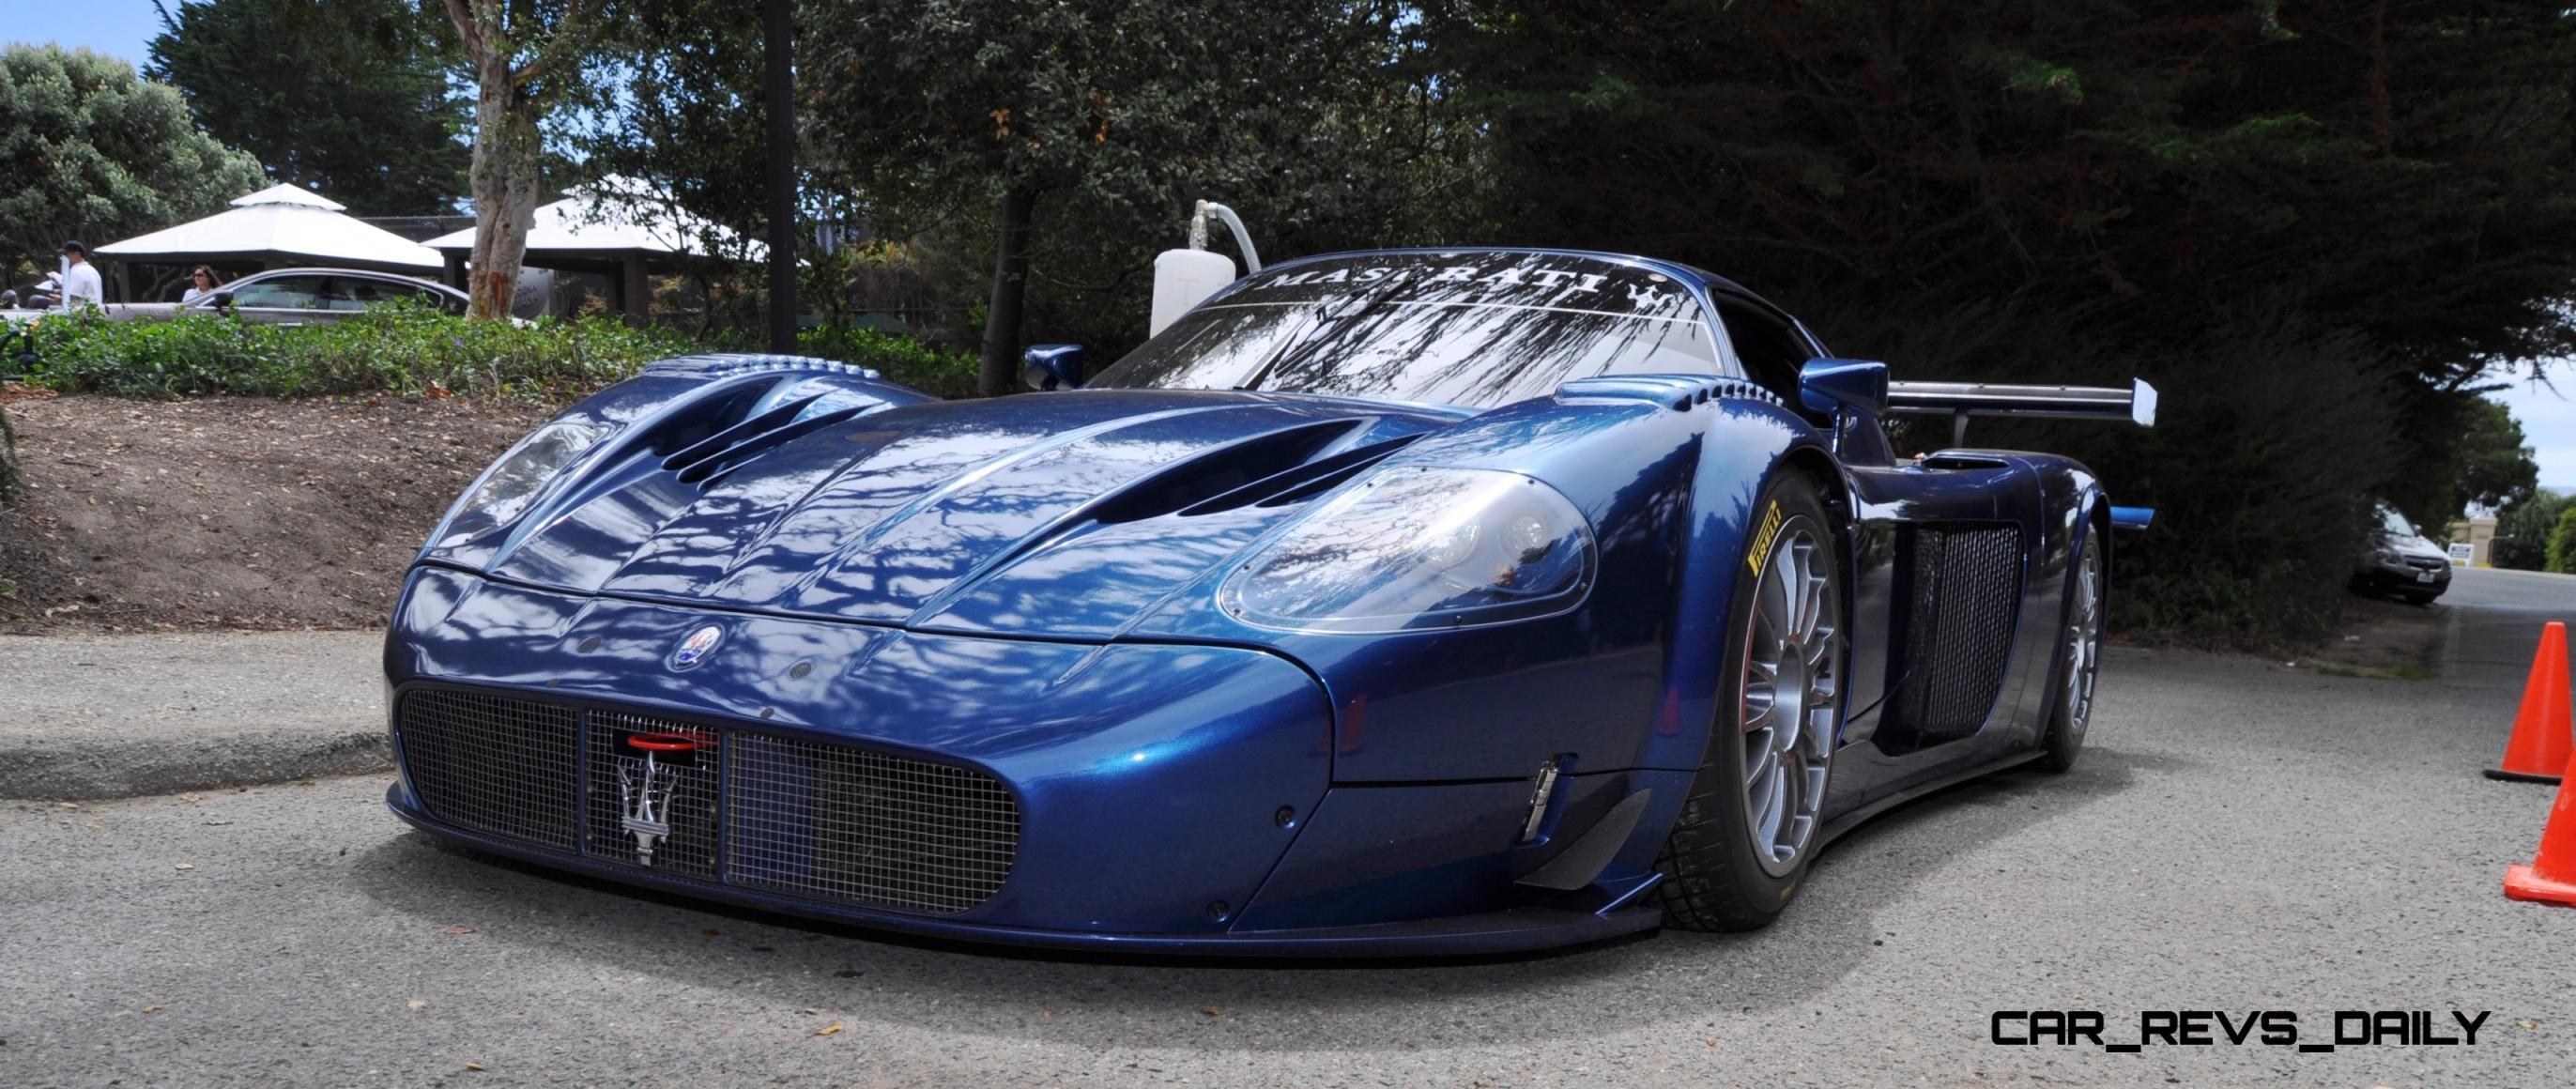 http://www.car-revs-daily.com/wp-content/uploads/Car-Revs-Daily.com-2006-Maserati-MC12-Corsa-47.jpg